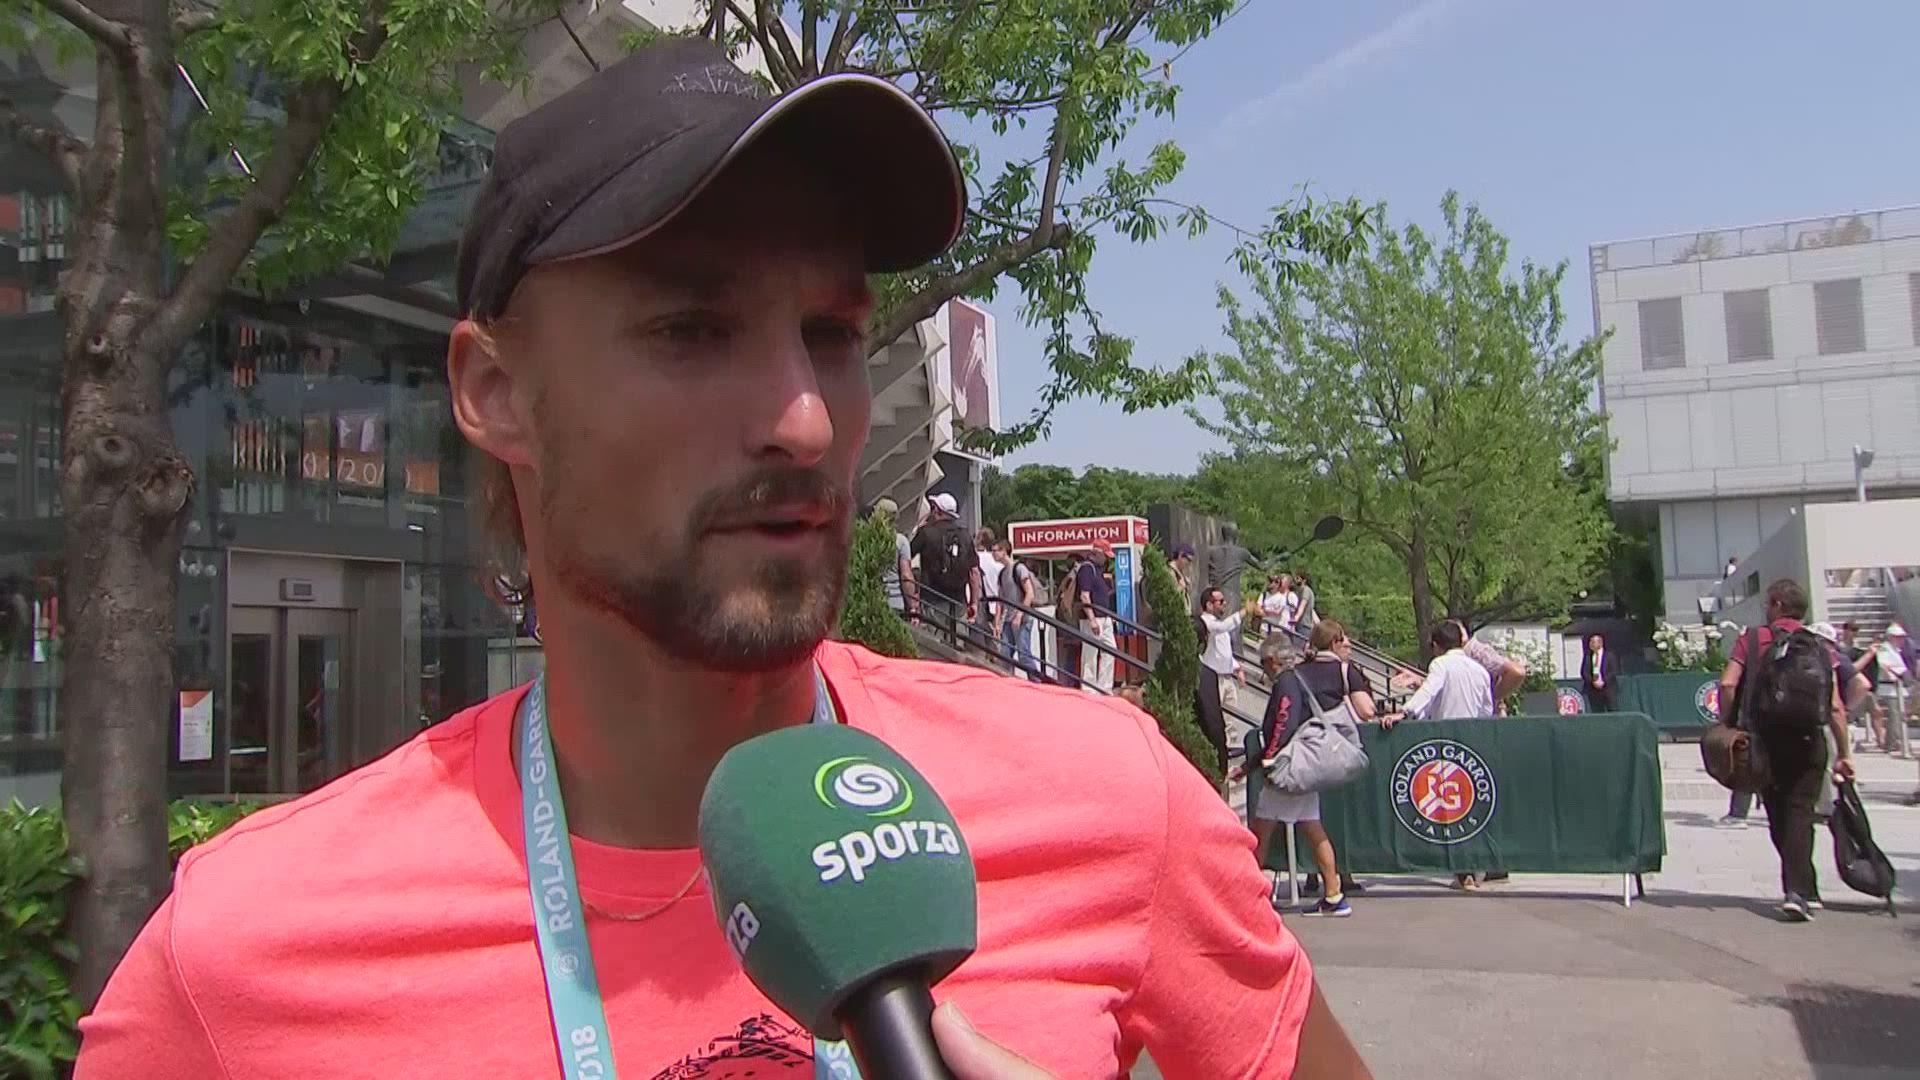 Roland Garros Handdoek.Sporza Tennis Nieuwskoppen Belgie